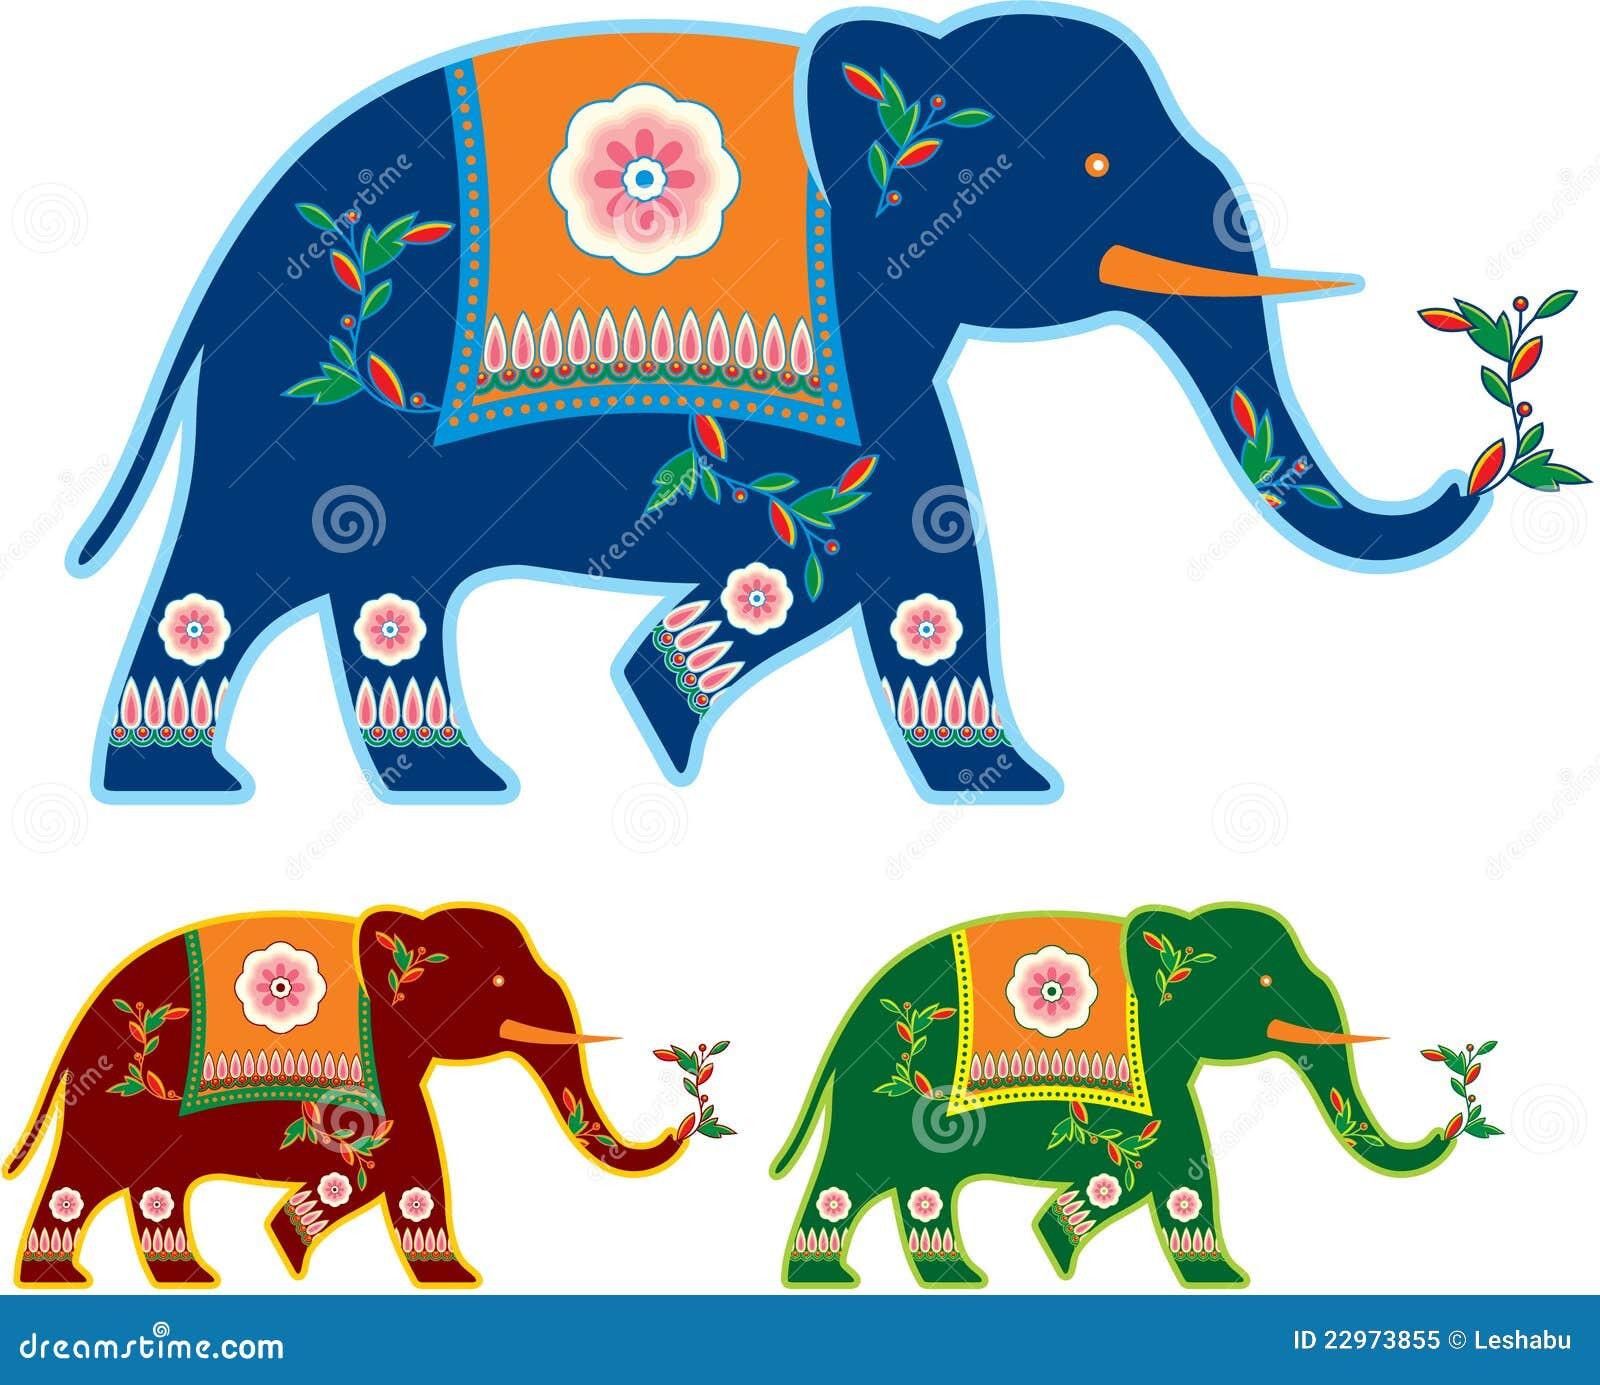 Elefante adornado indio